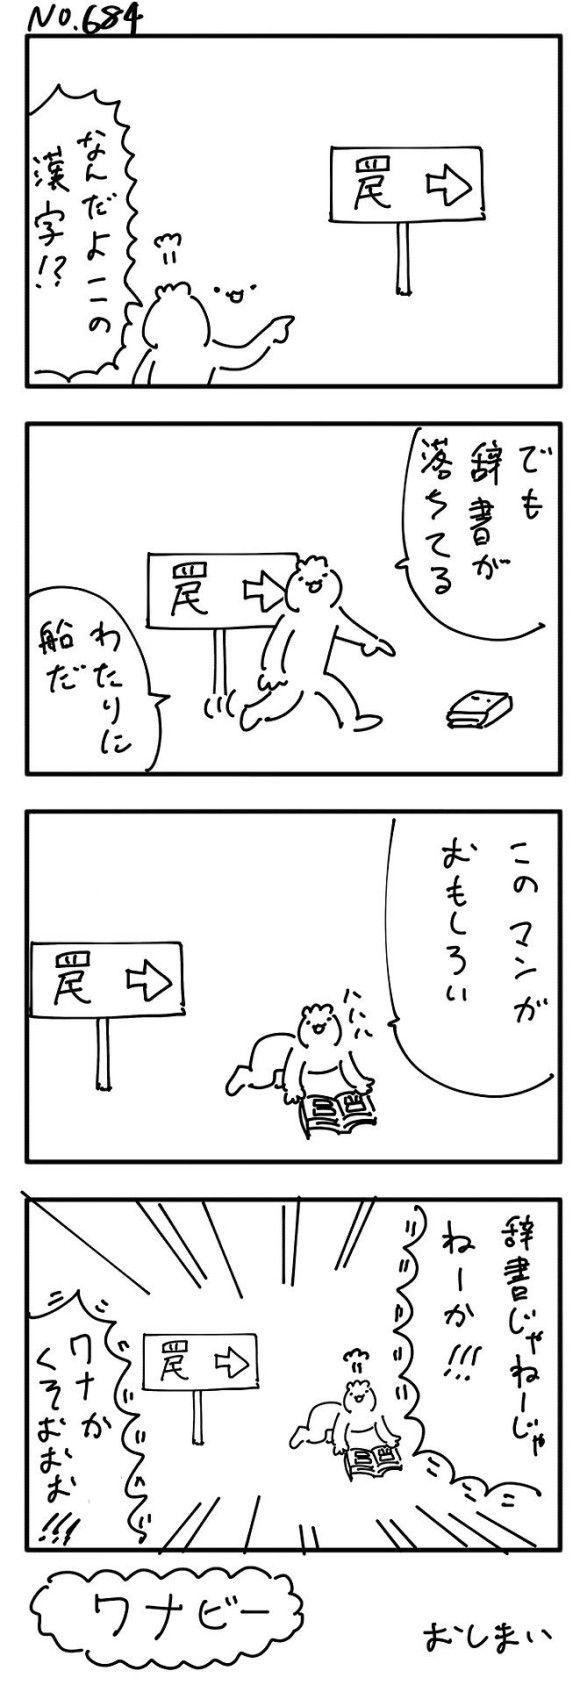 爆笑4コマ漫画